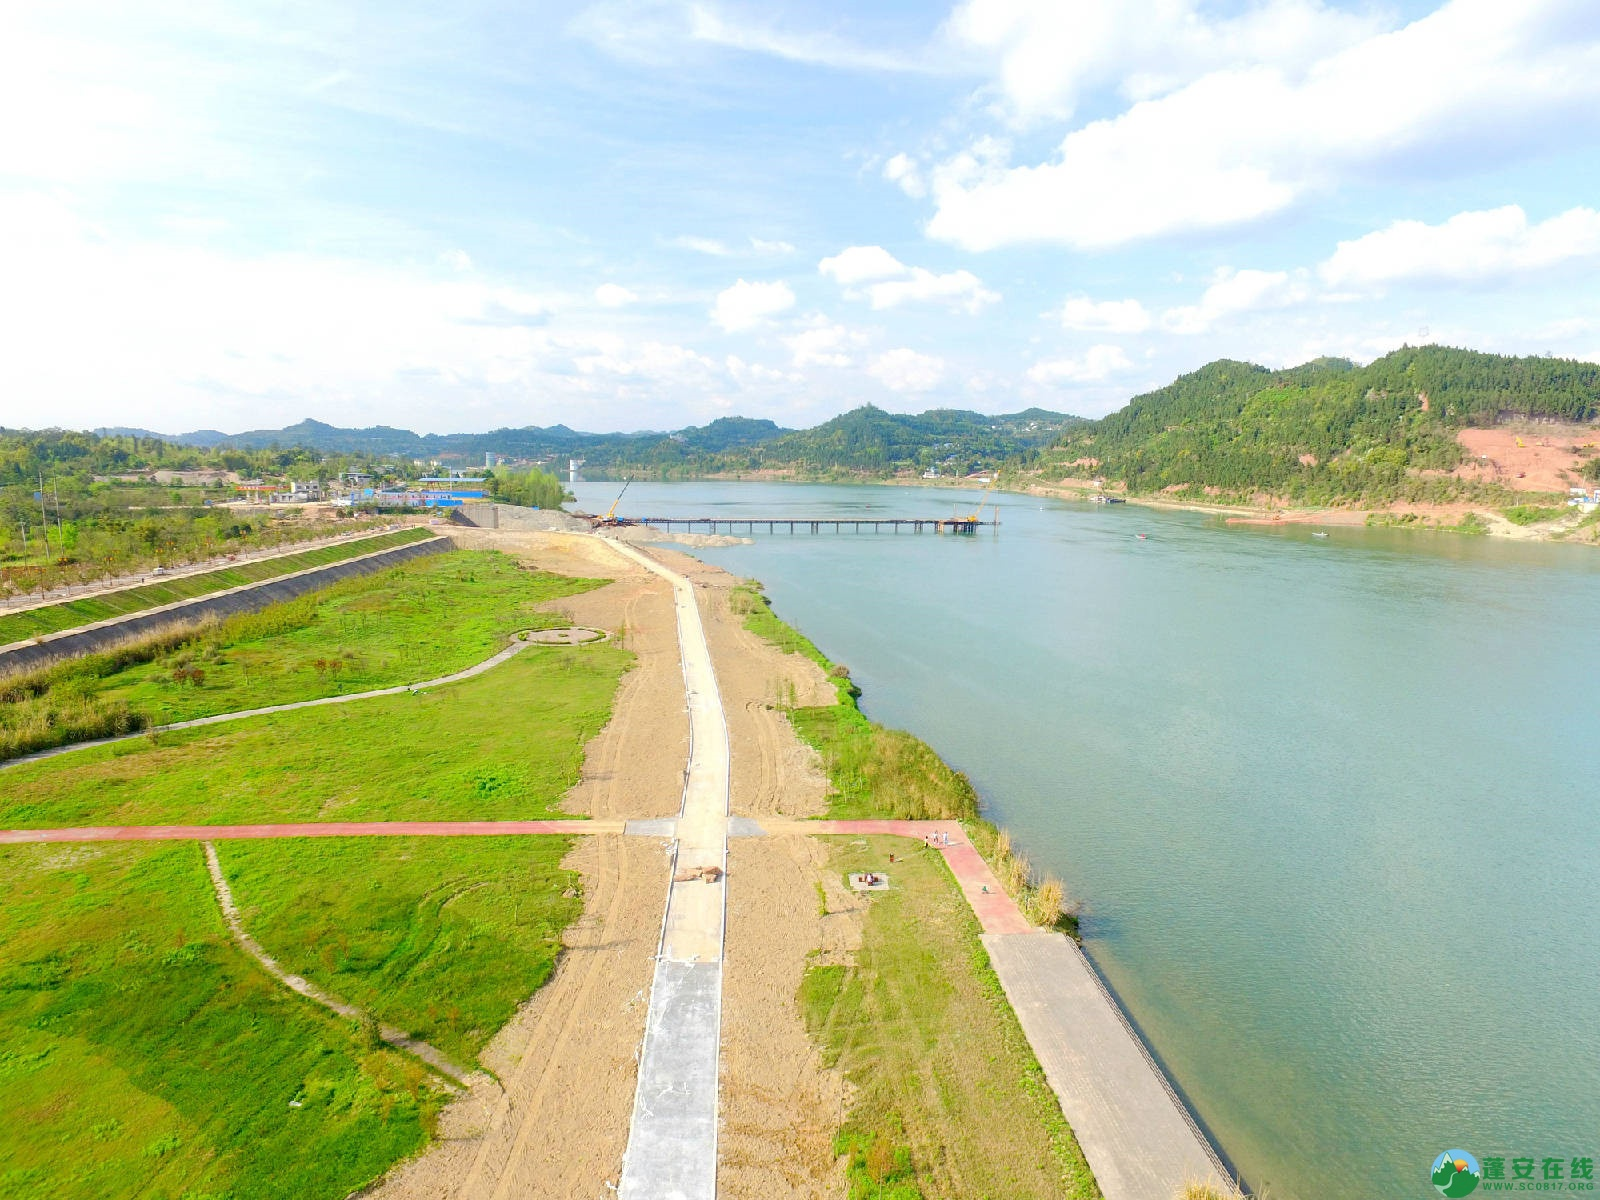 蓬安县锦屏镇湿地公园跑道、纵一道路、干一道工程进度(2018年4月6日) - 第1张  | 蓬安在线